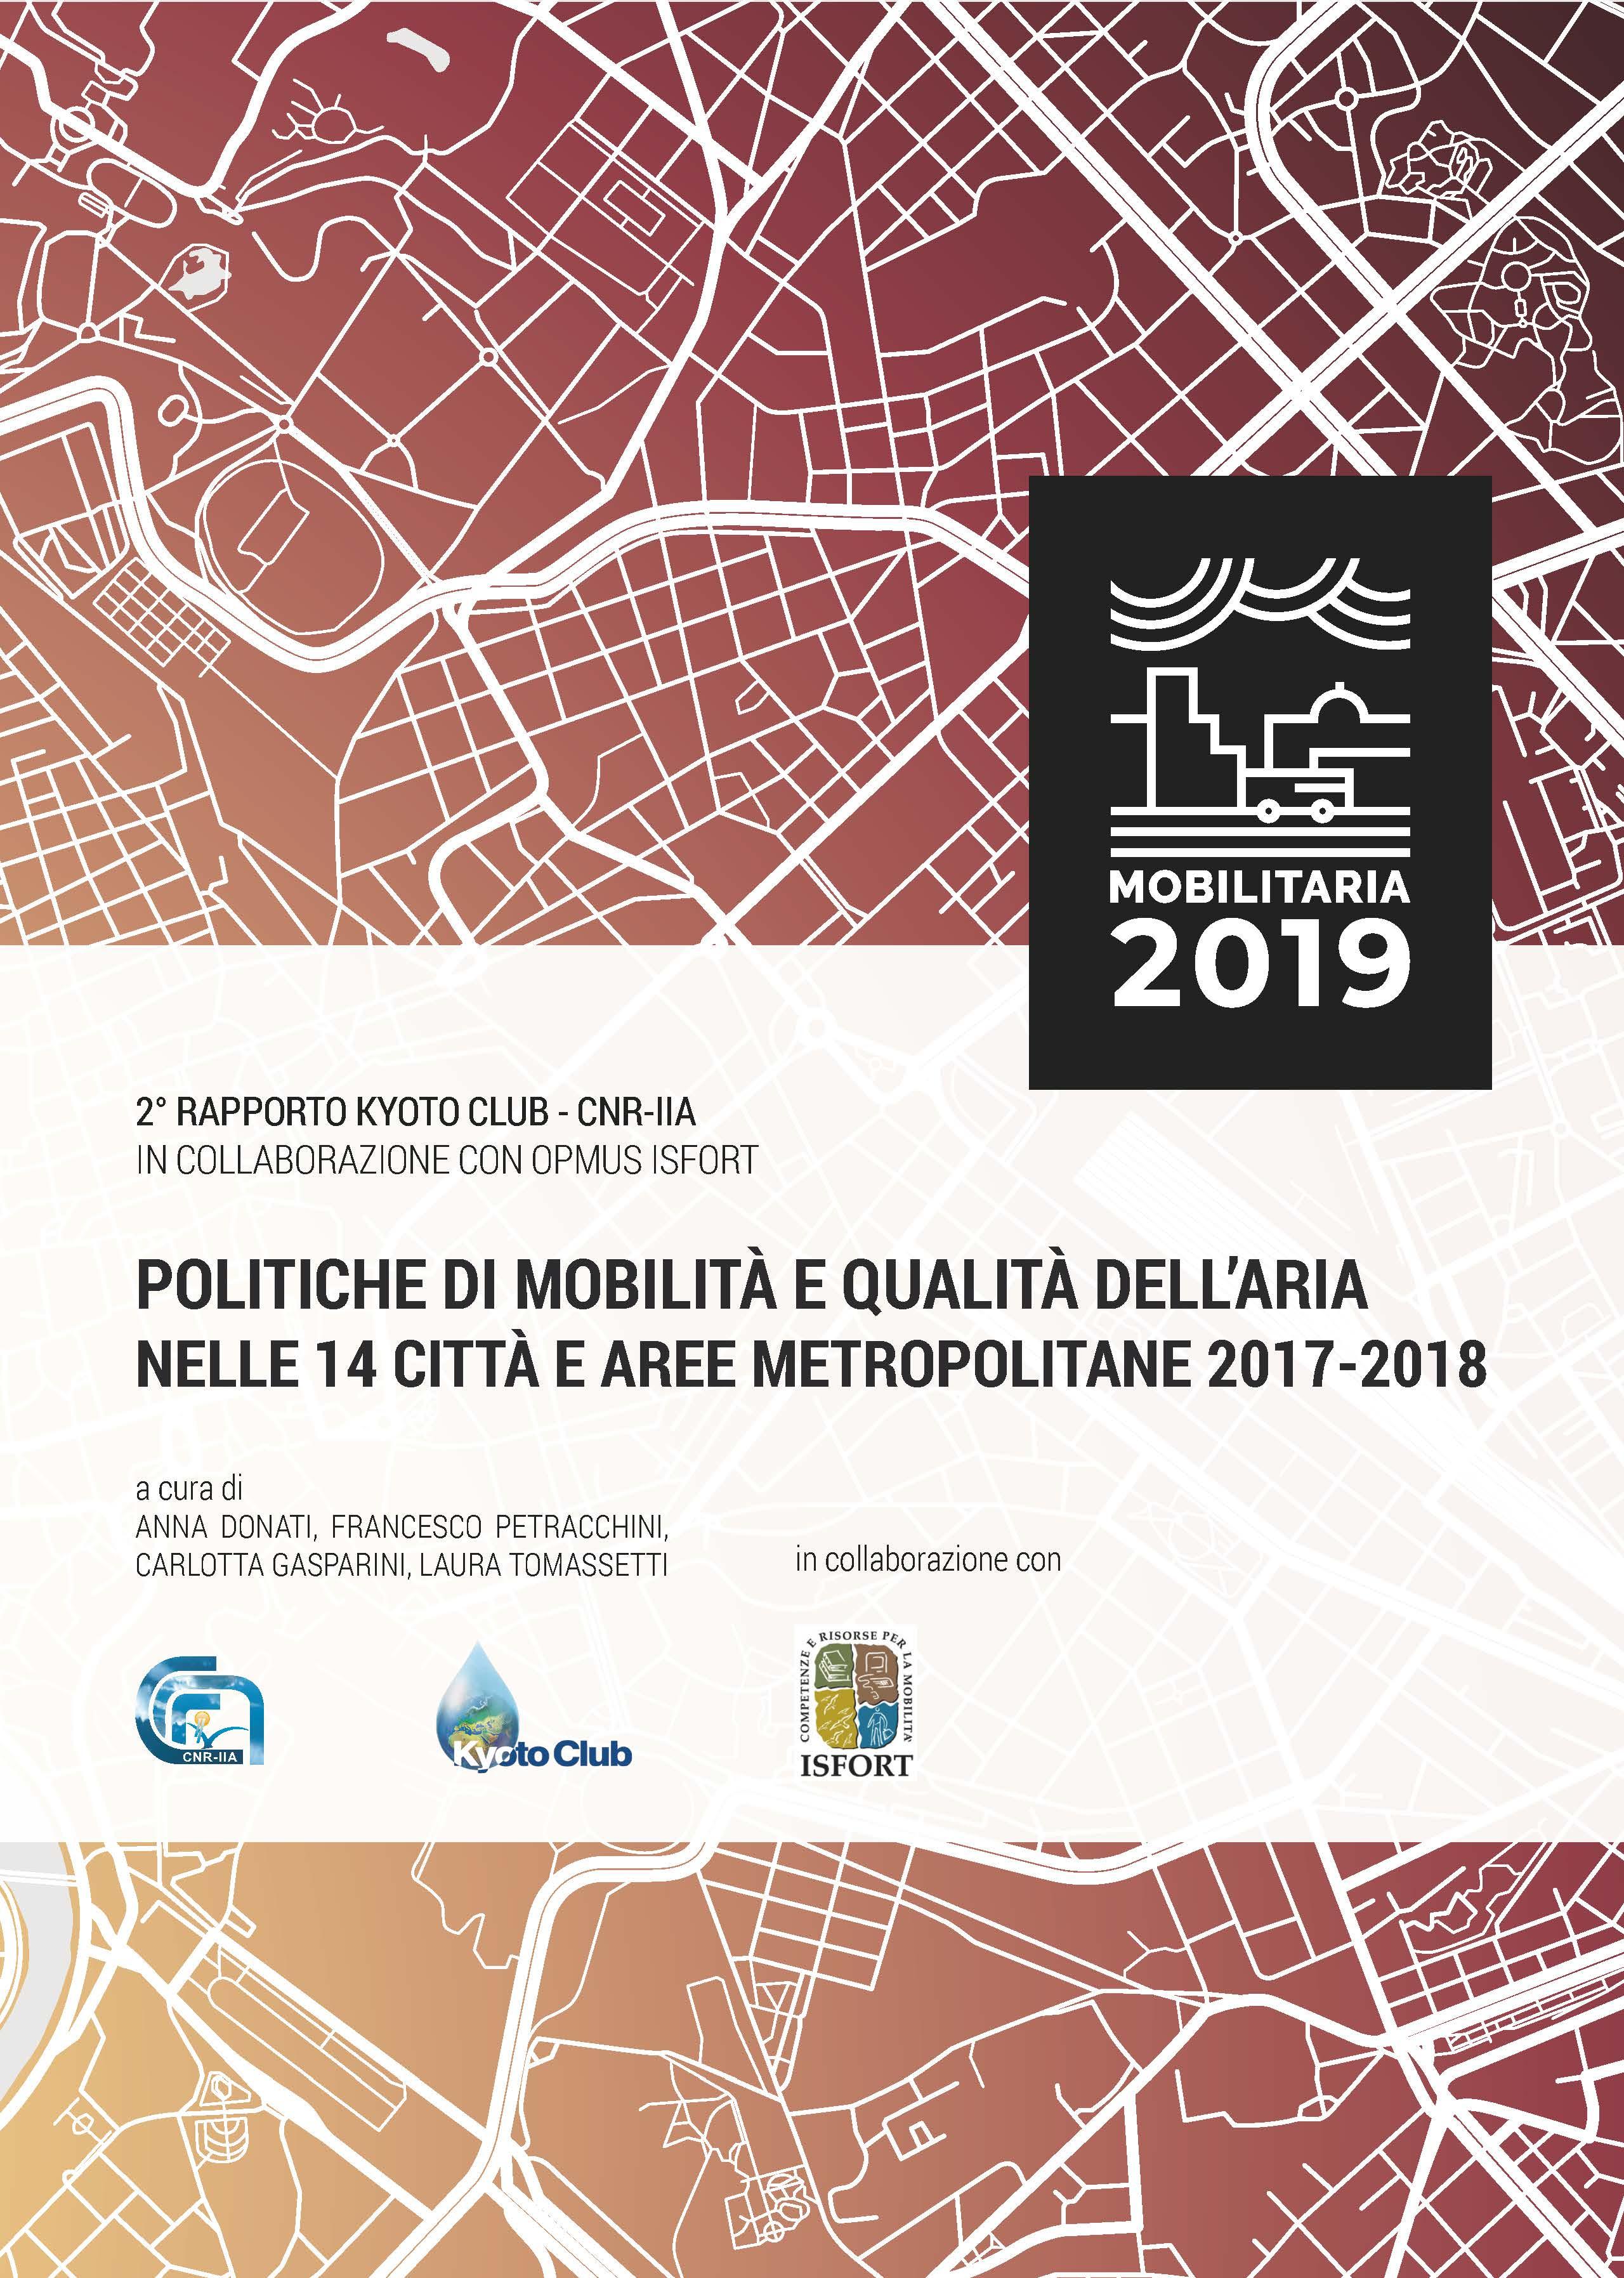 Logo Mobilitaria 2019